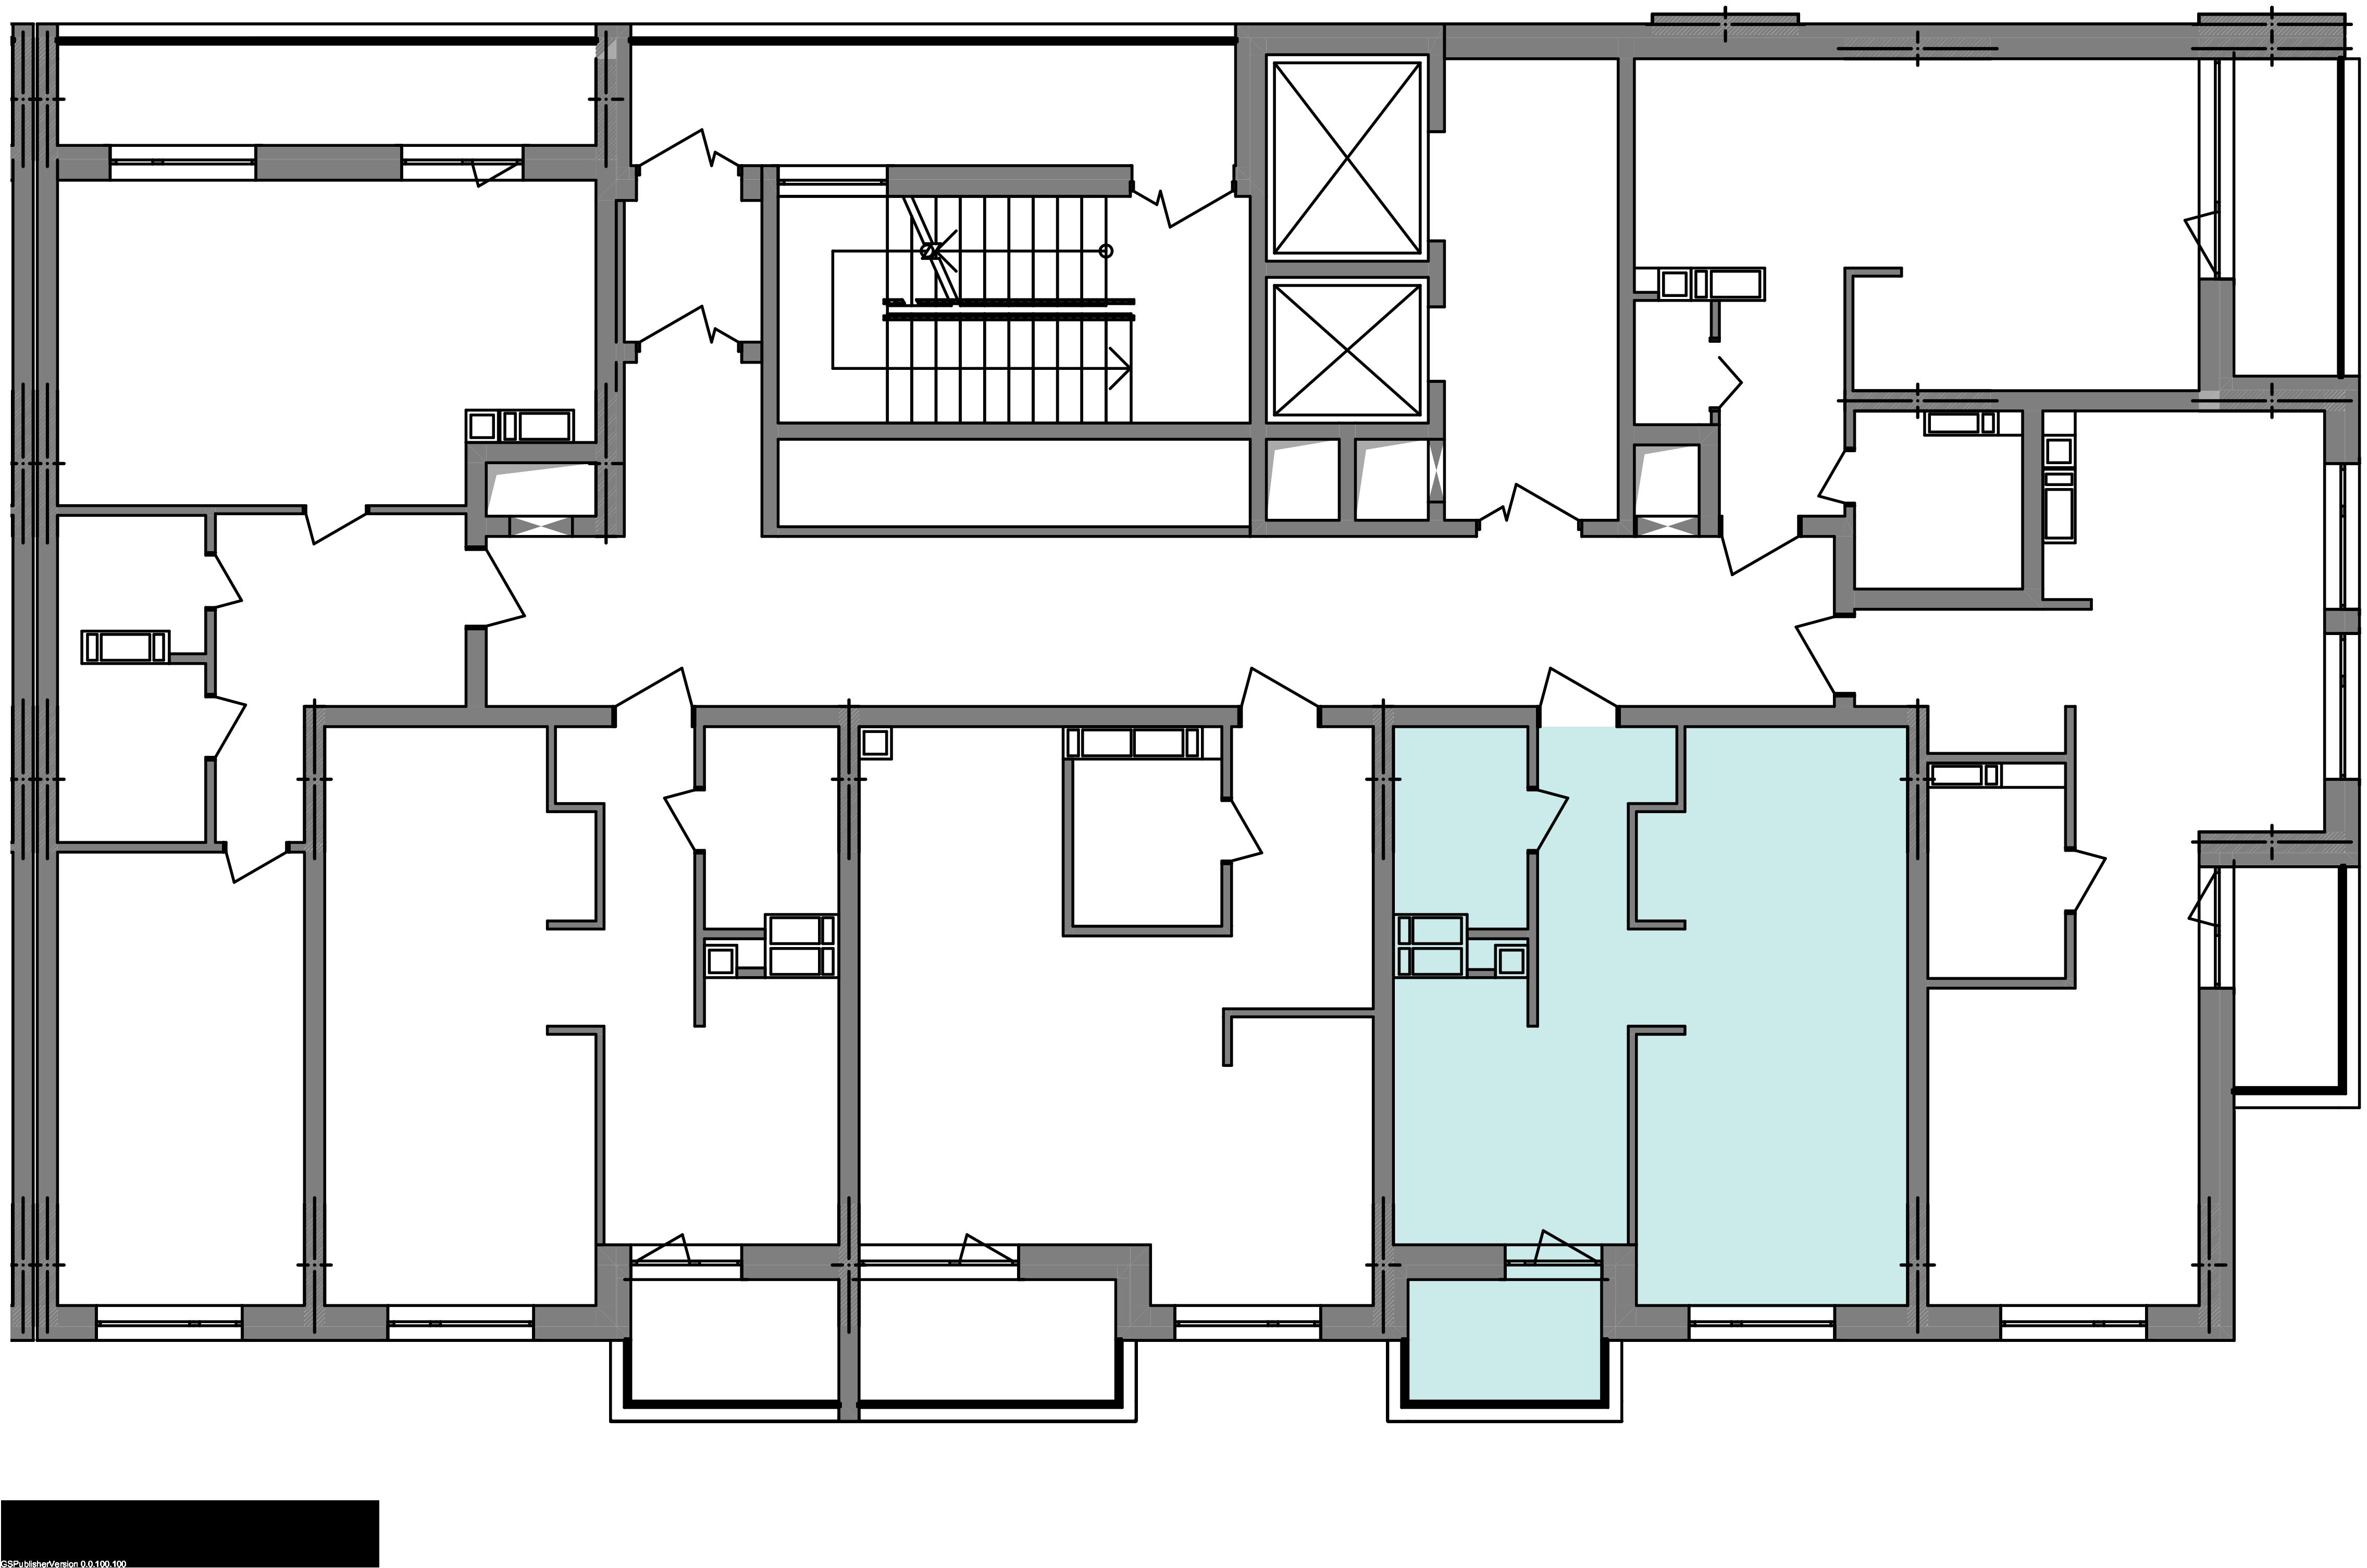 Однокомнатная квартира 40,42 кв.м., тип 1.8, дом 3 секция 3 расположение на этаже